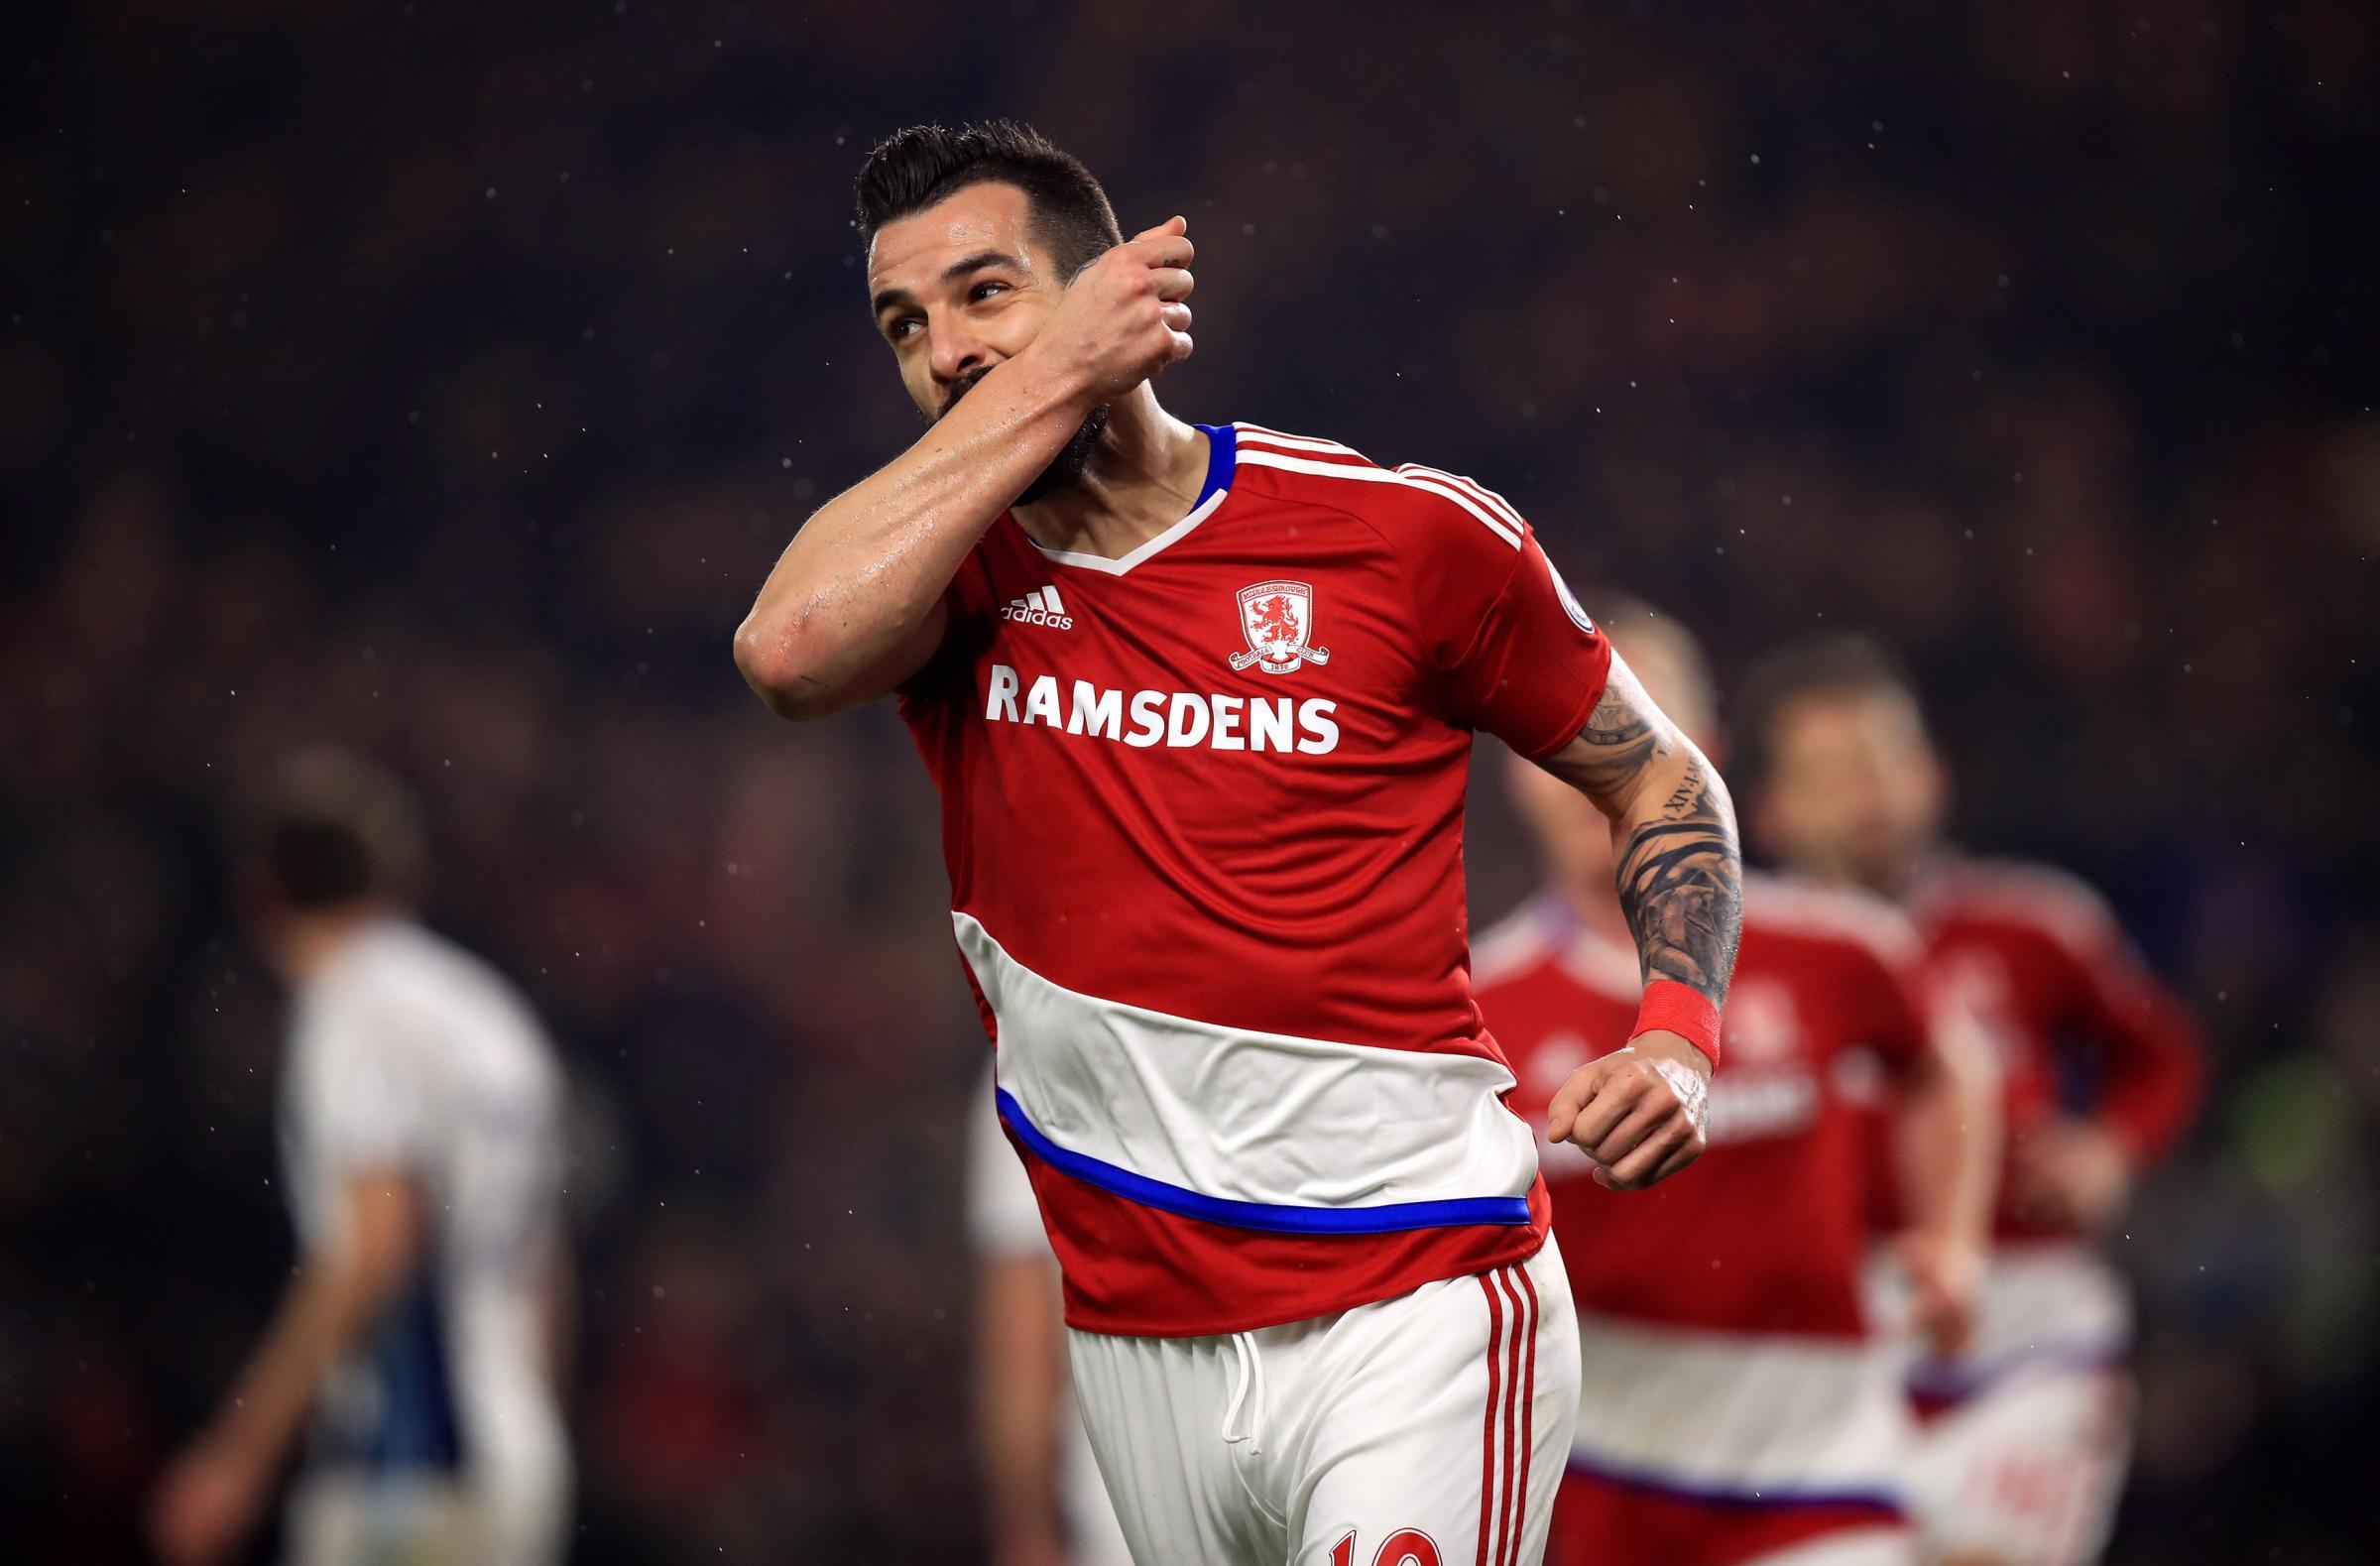 Middlesbrough Steve Agnew backs Alvaro Negredo to spark an